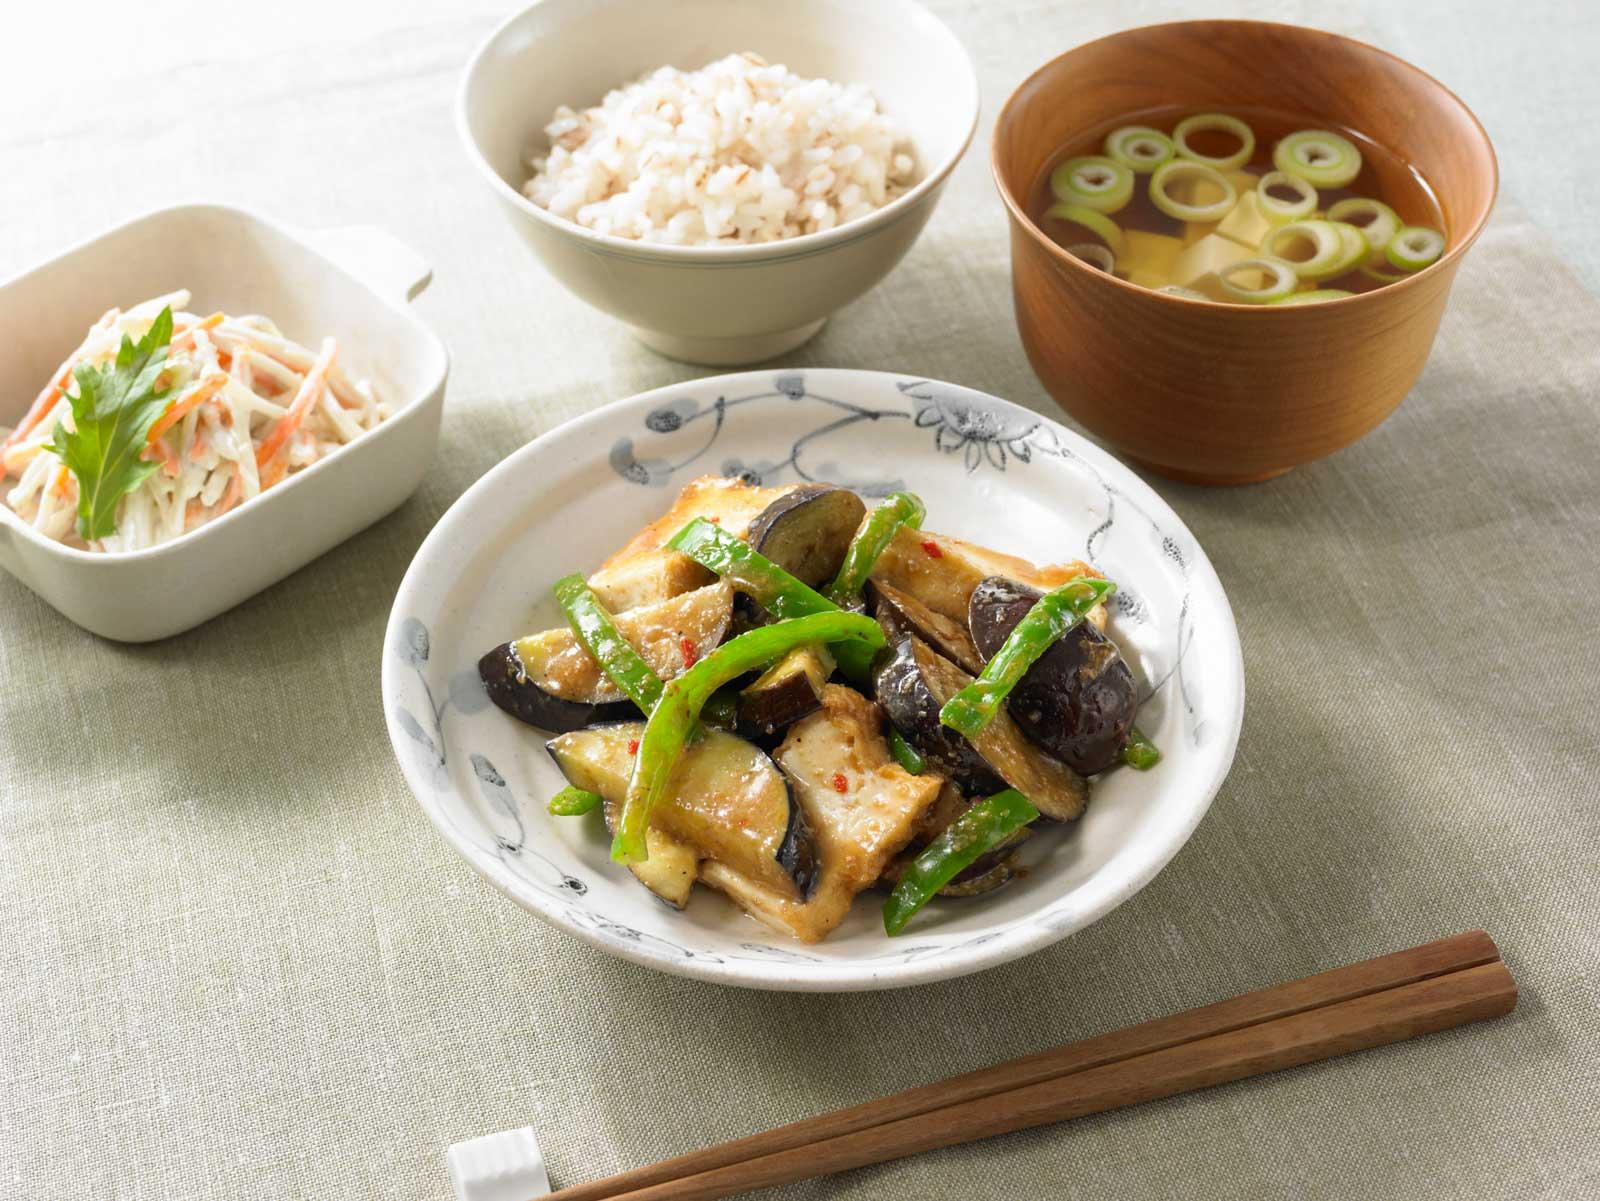 野菜を活かす-なすとピーマンのごま味噌炒めのソース食卓イメージ